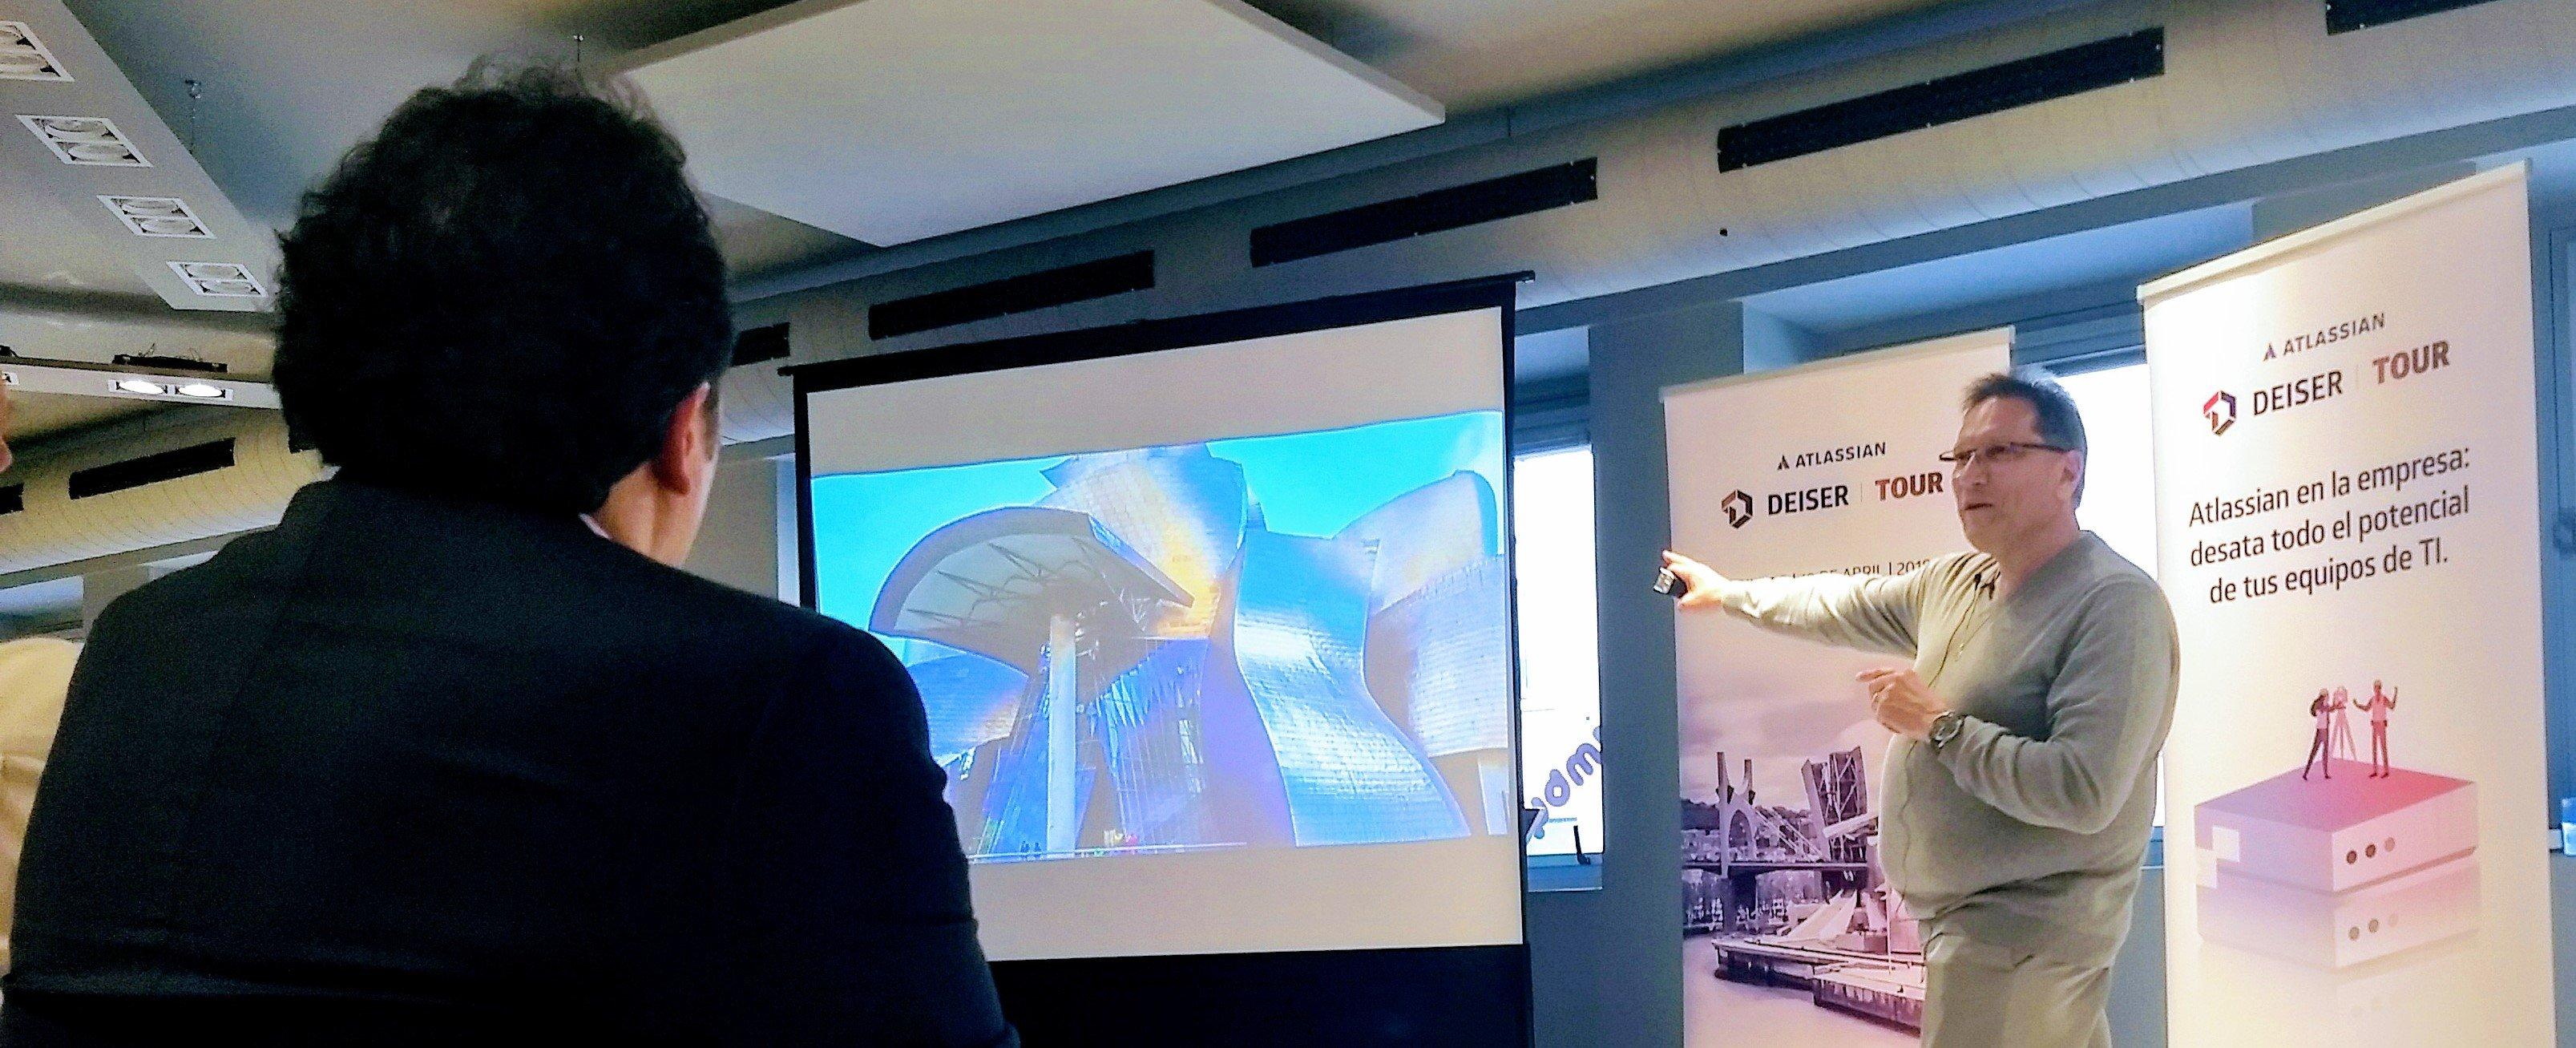 Autodesk_Jira_Atlassian_Claudio-Ombrella_ITSM_DevOps_DEISER-tour-Bilbao